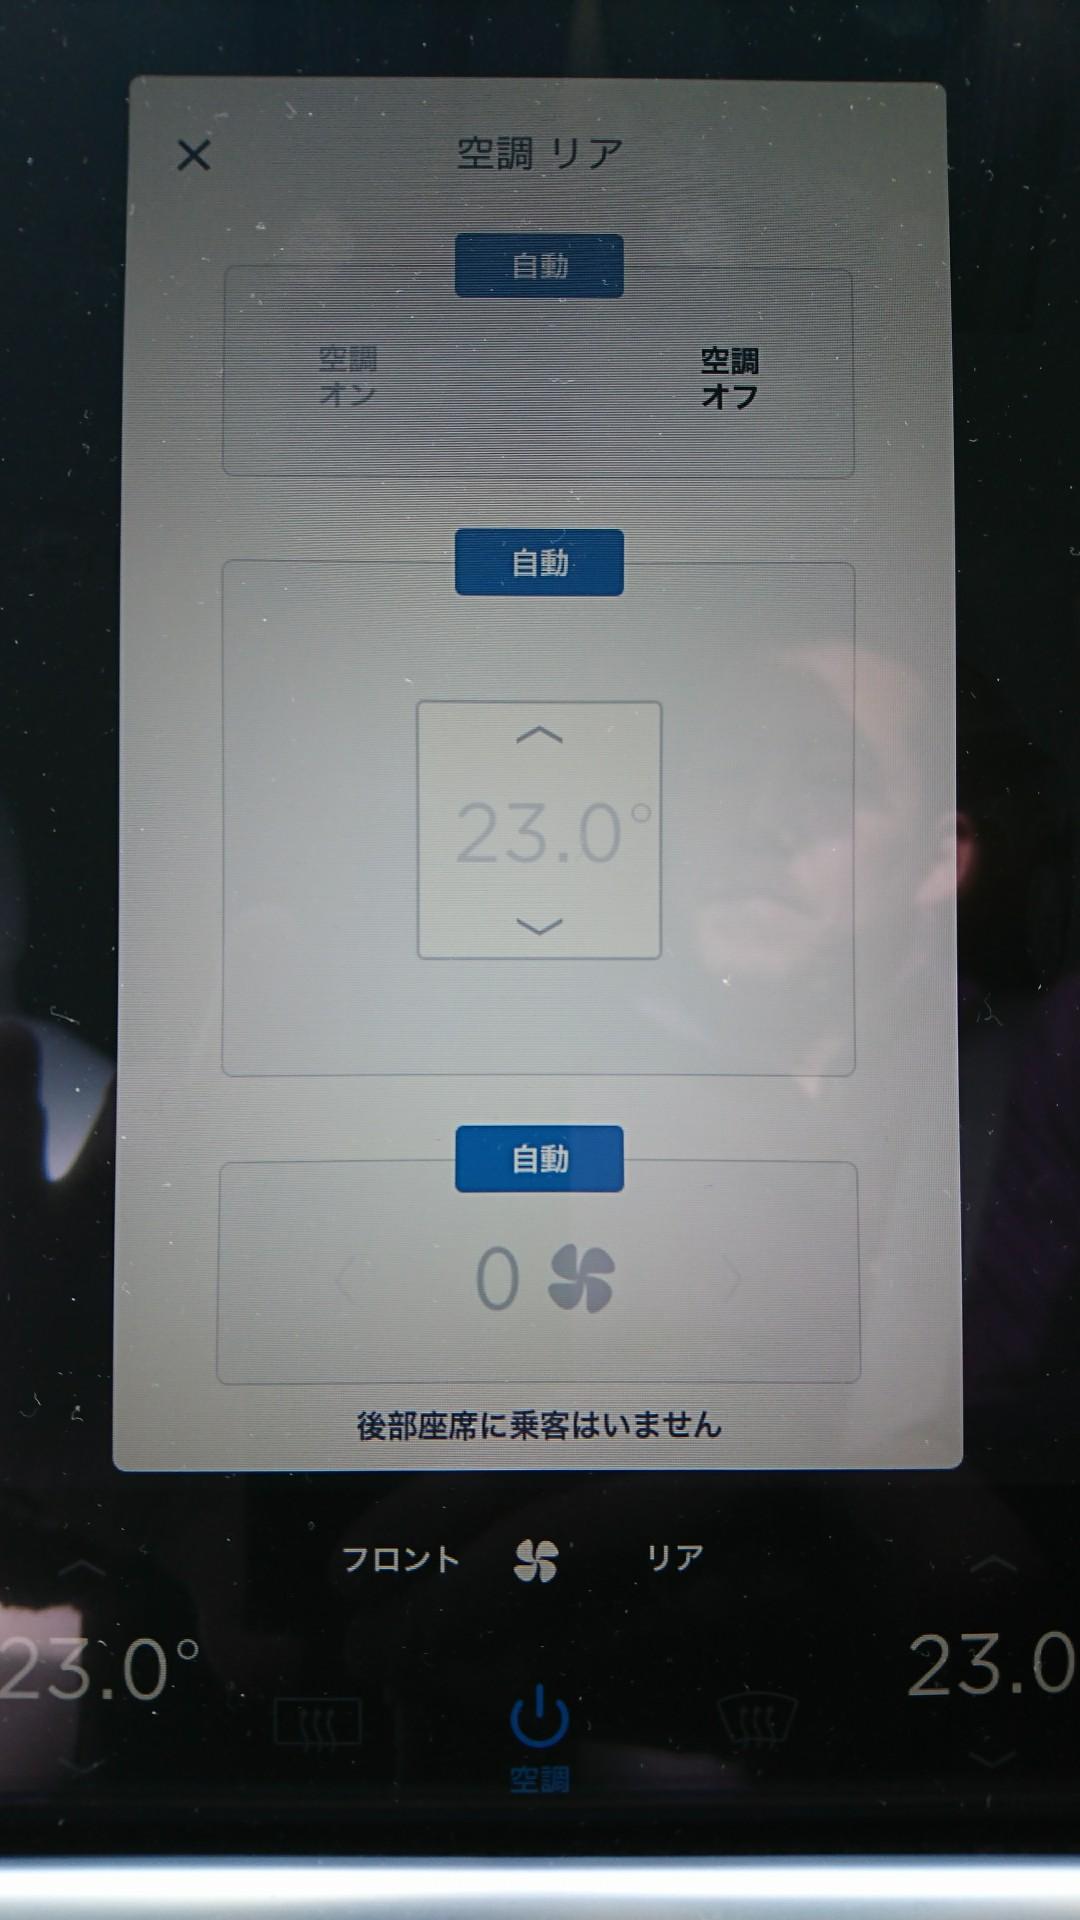 DSC_6758-1080x1920.JPG